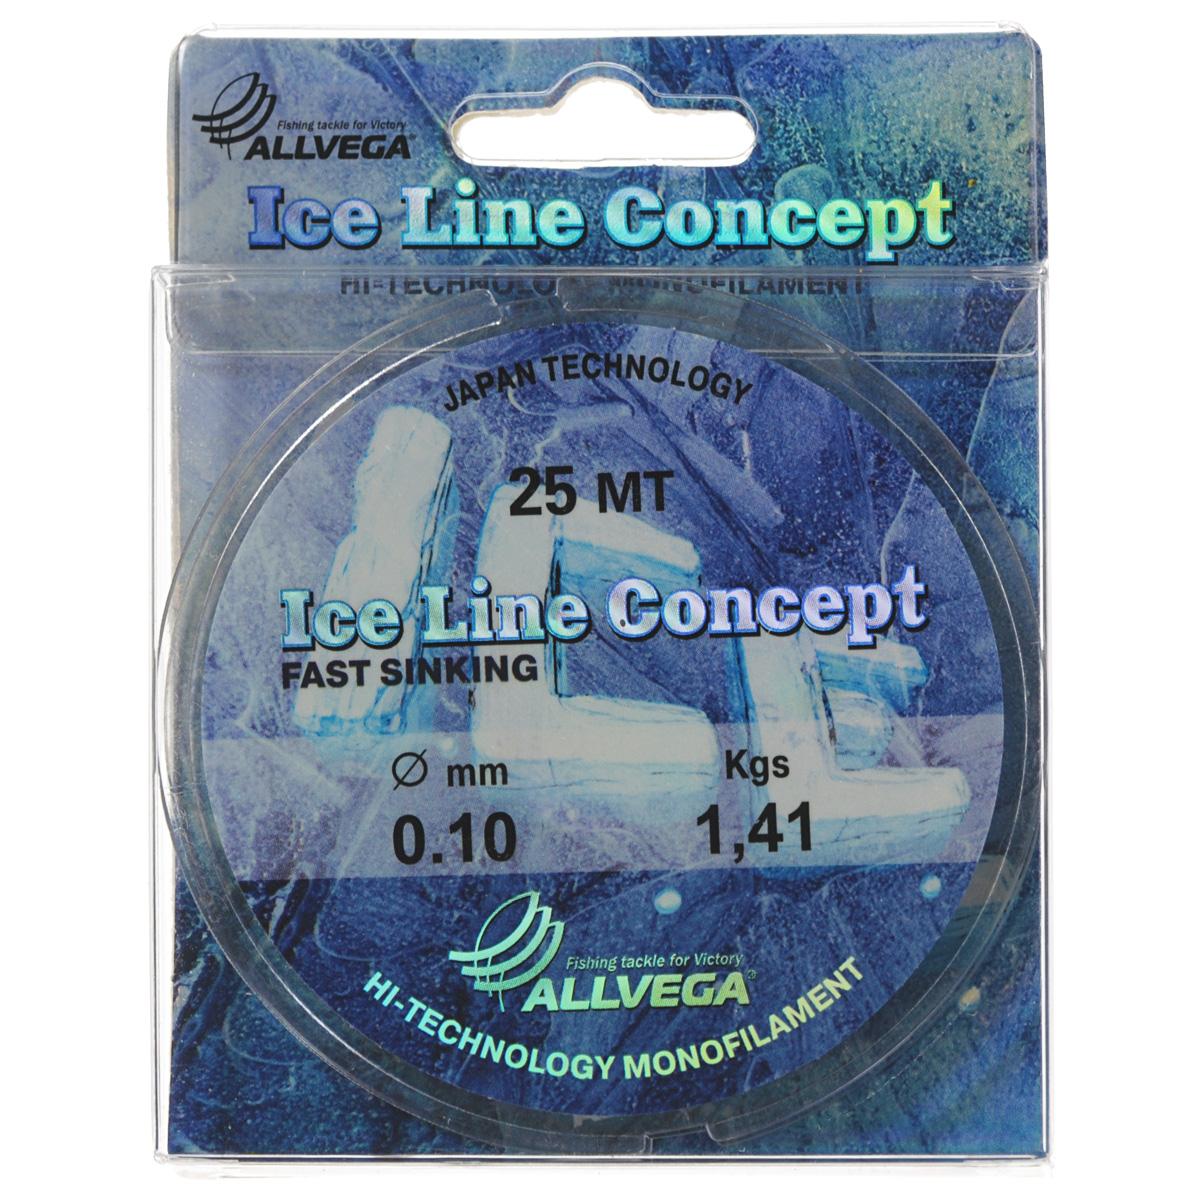 Леска Allvega Ice Line Concept, сечение 0,1 мм, длина 25 м36162Специальная зимняя леска Allvega Ice Line Concept для низких температур. Прозрачная и высокопрочная. Отсутствие механической памяти, позволяет с успехом использовать ее для ловли на мормышку.